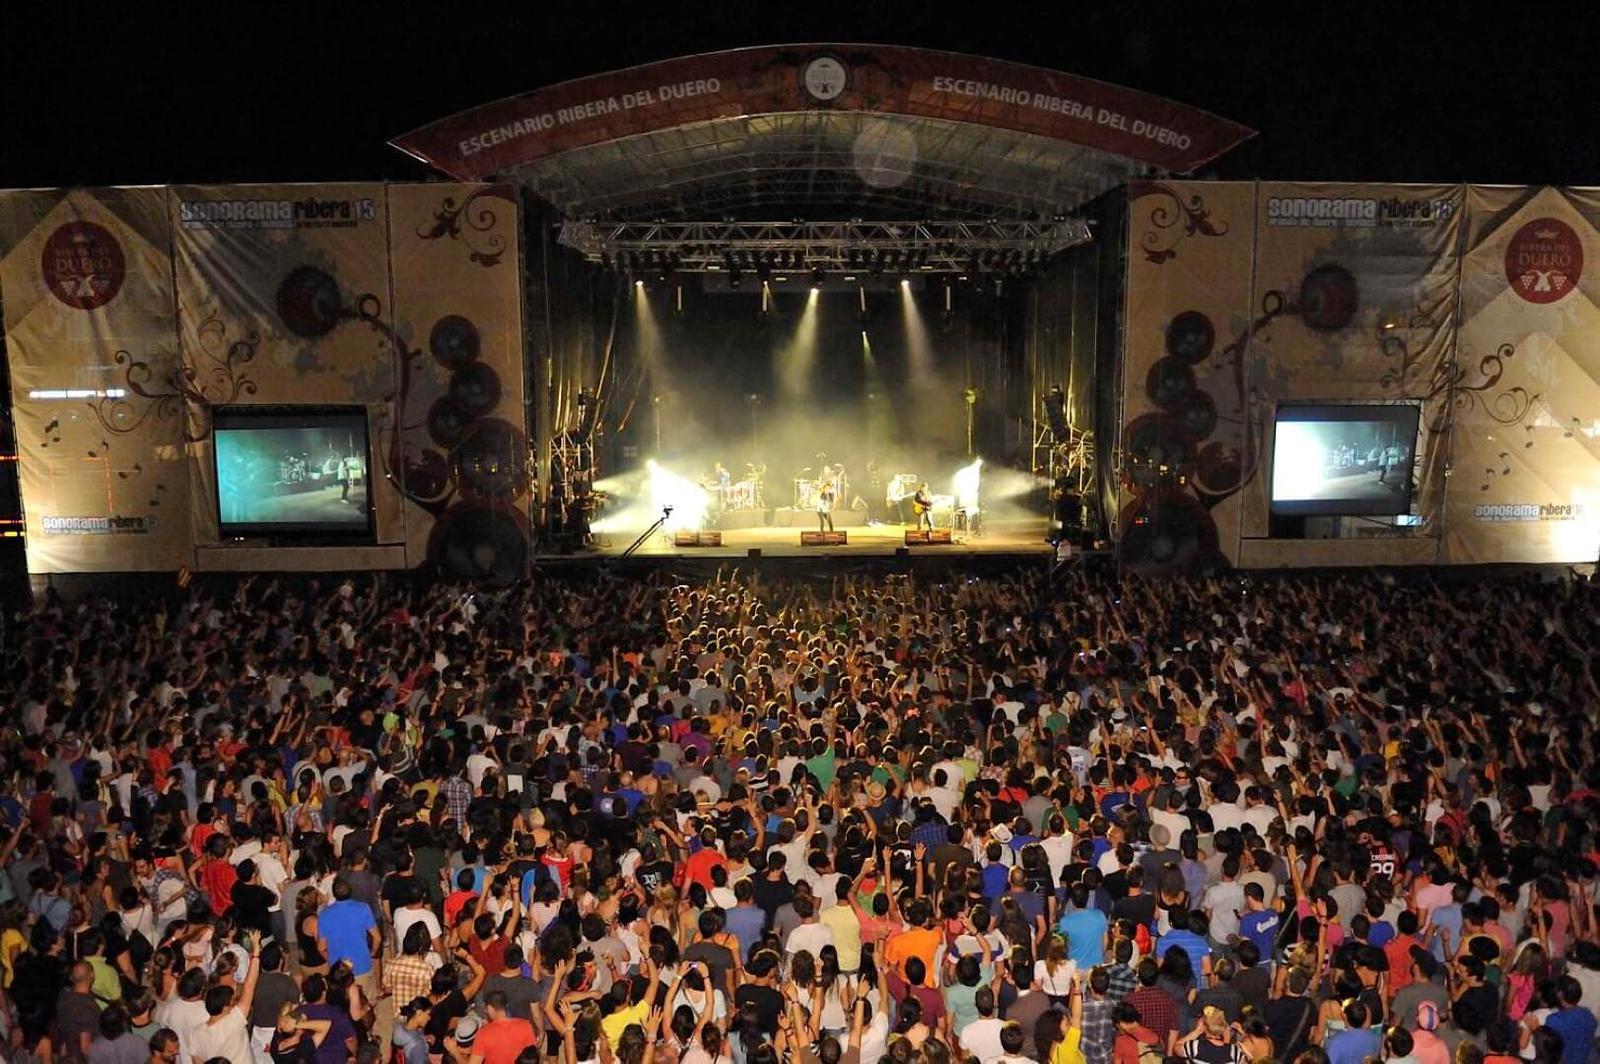 Ir a Sonorama Festival y disfrutar de conciertos, exposiciones, rutas enológicas...